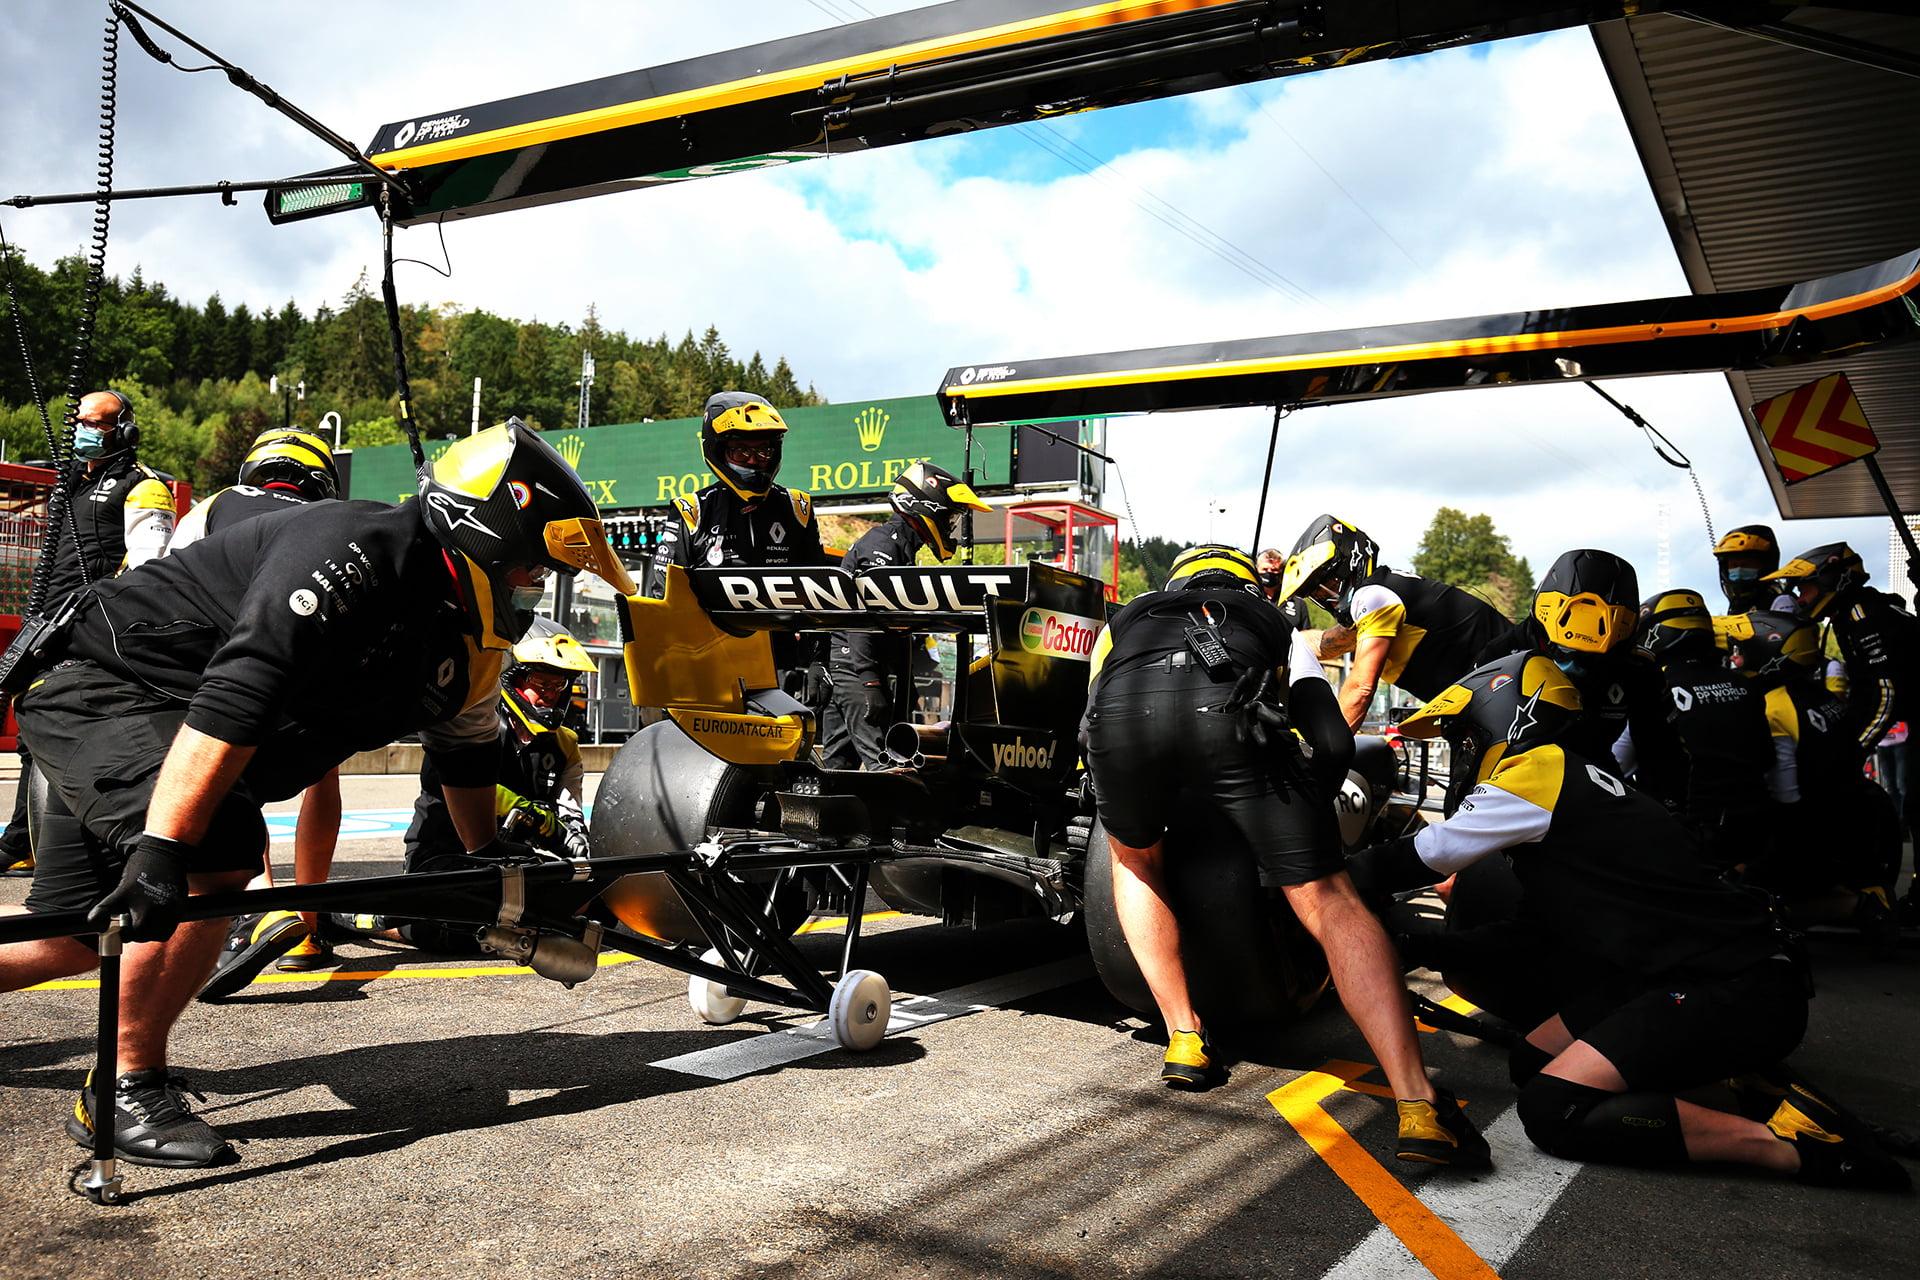 Alpine F1, sería el nuevo nombre para el equipo en 2021.